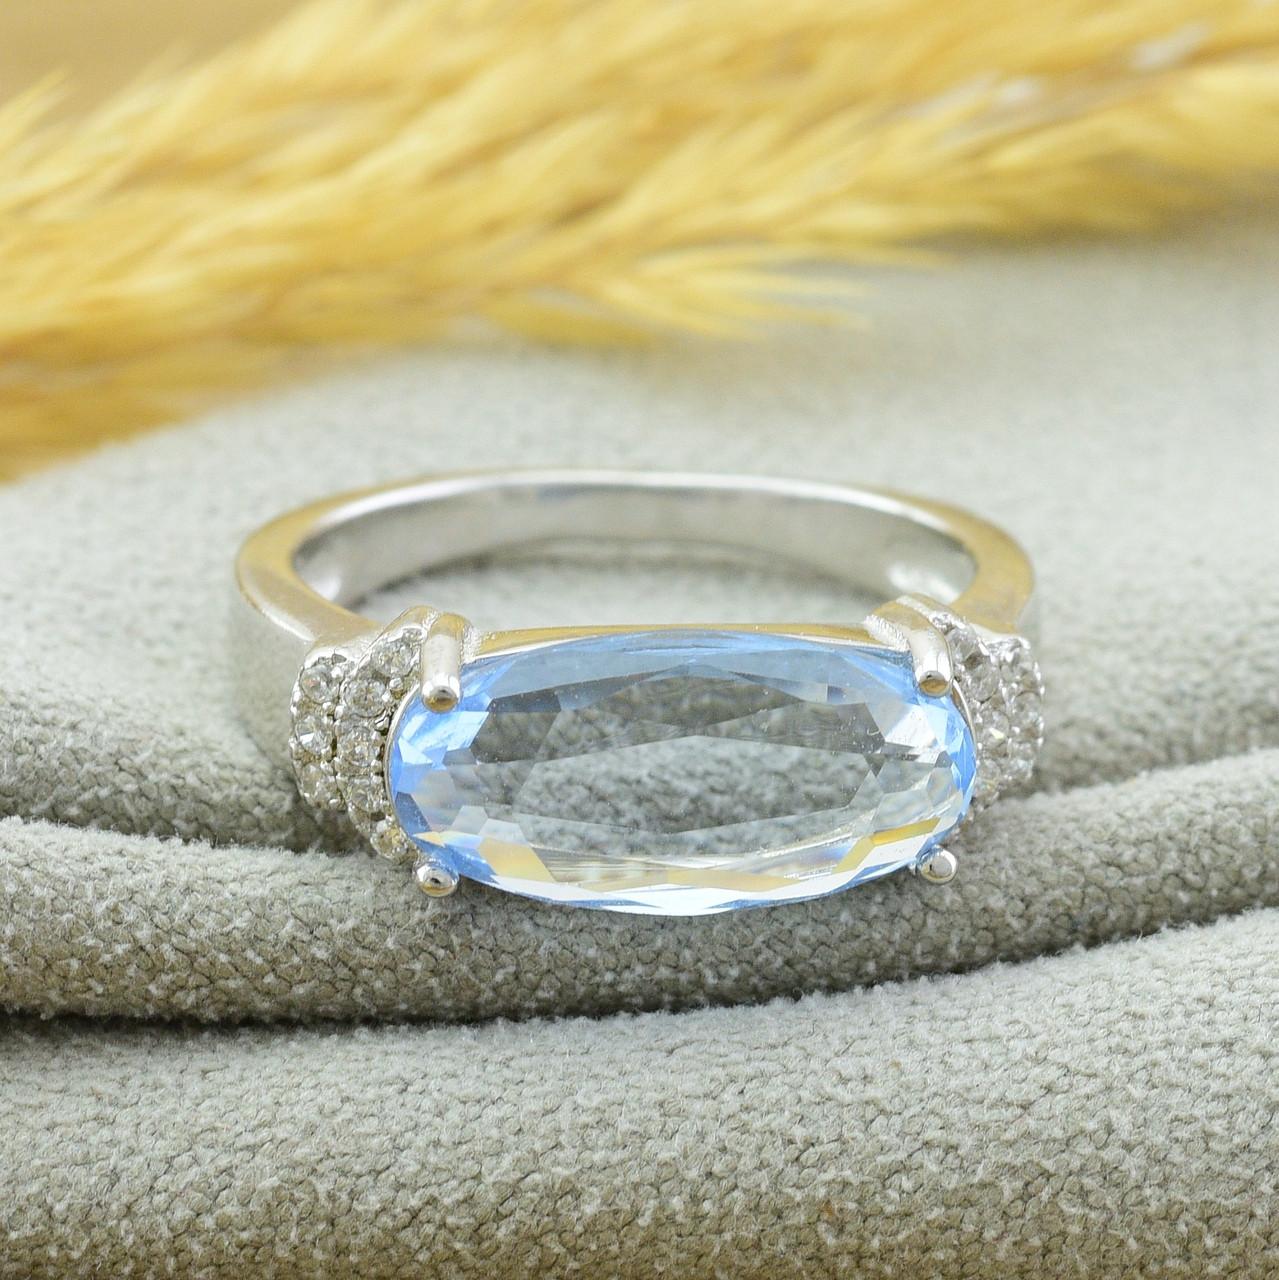 Серебряное кольцо размер 17 вставка светло голубые фианиты вес 3.3 г